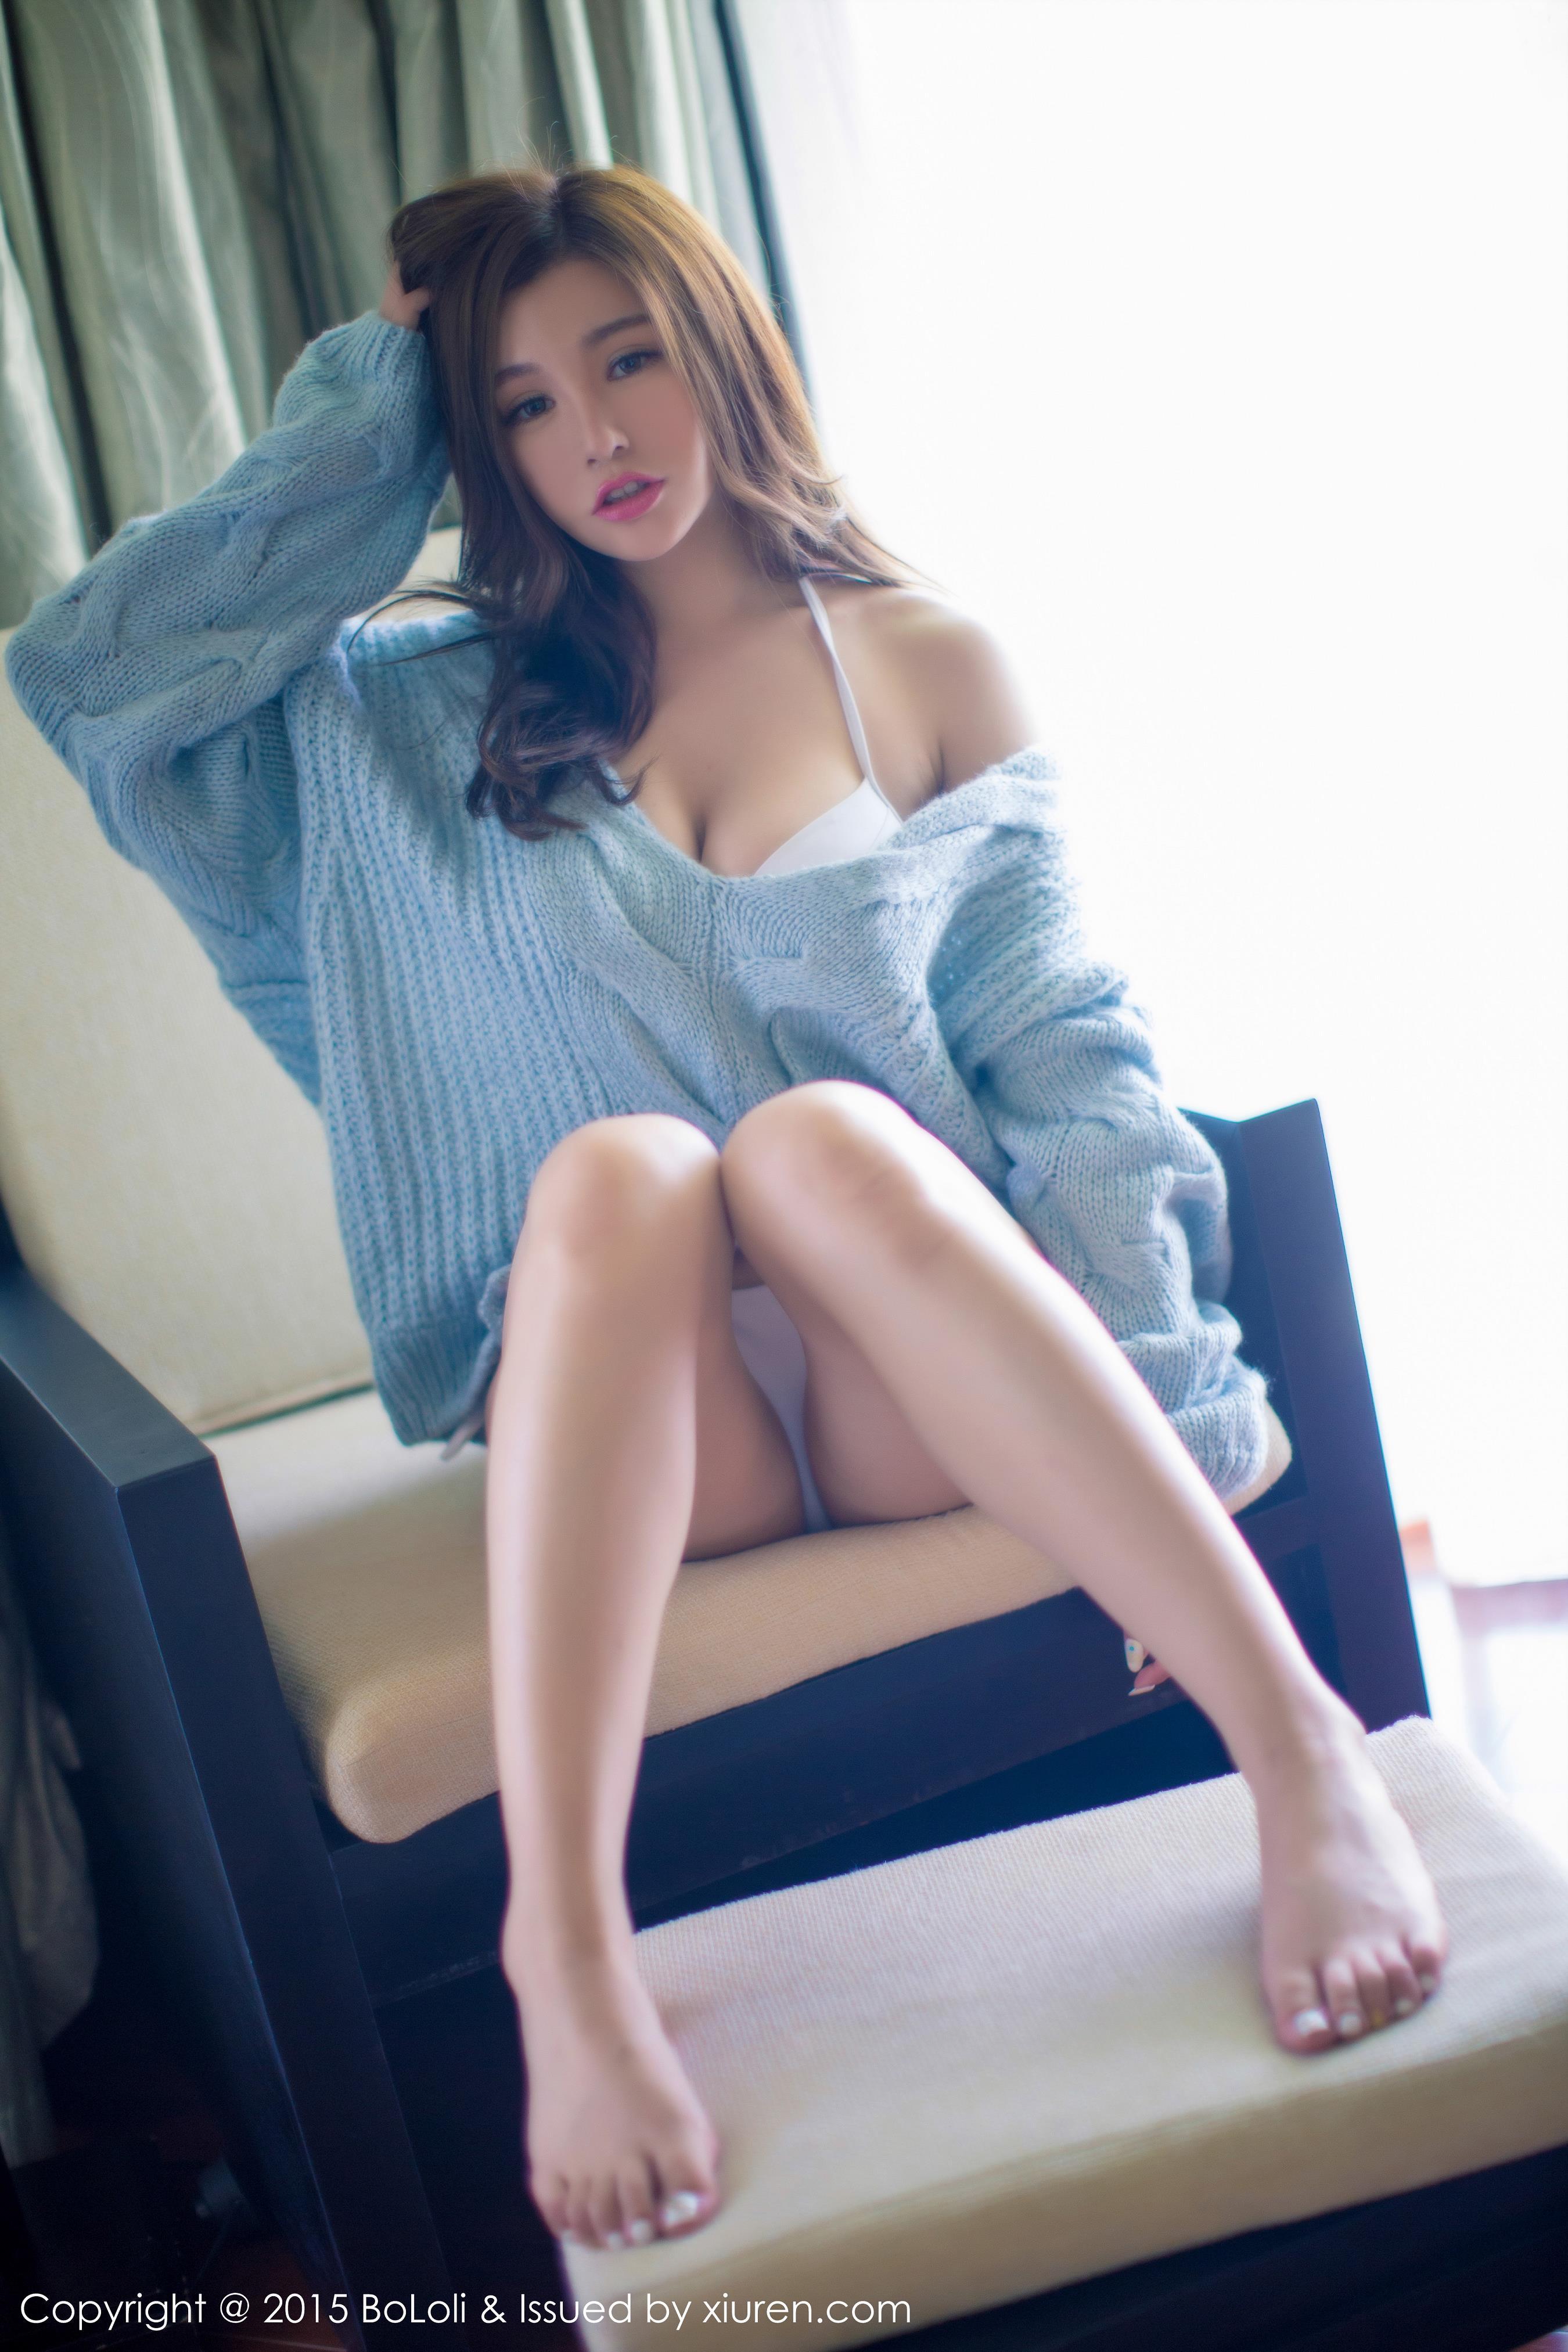 [BoLoli波萝社]BLS20150628VOL0037 刘娅希 白色性感内衣与束胸比基尼泳装私房写真集